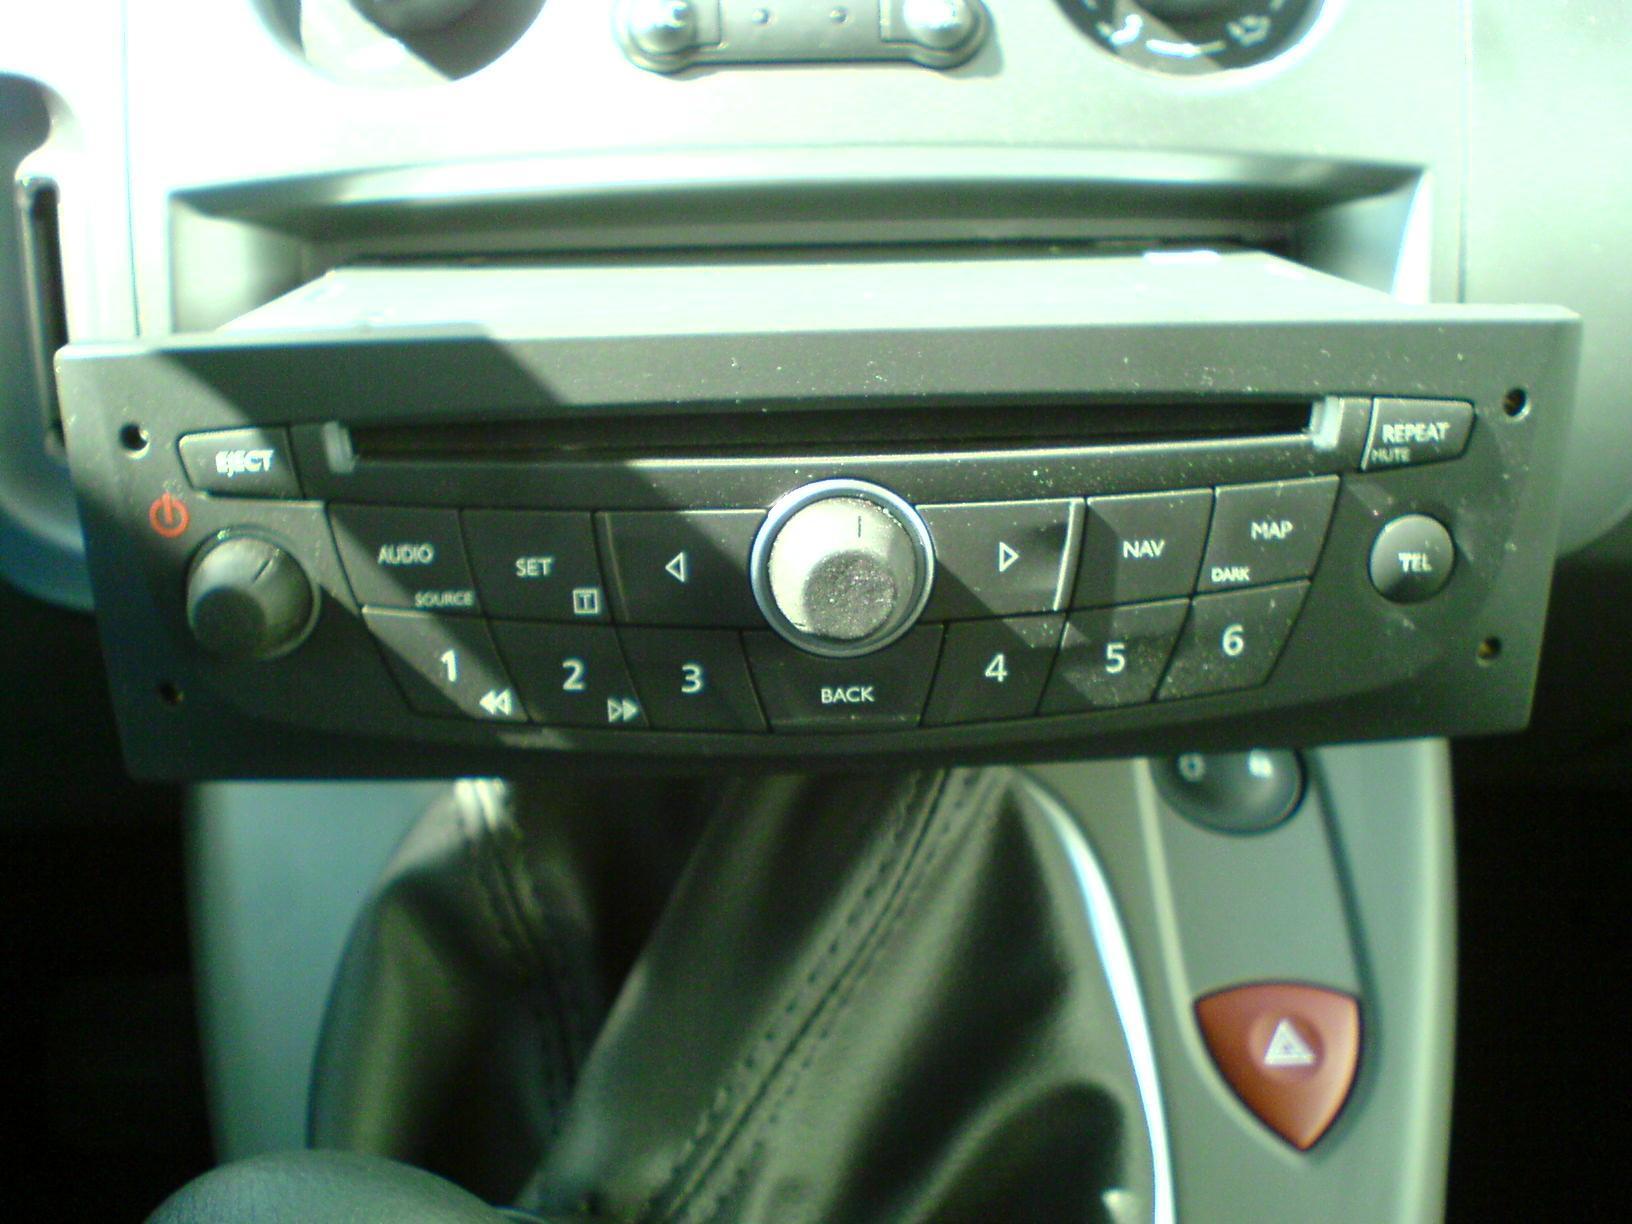 gps navigation carminat bluetooth cd quoi servent les connecteurs libres p0 plan te renault. Black Bedroom Furniture Sets. Home Design Ideas